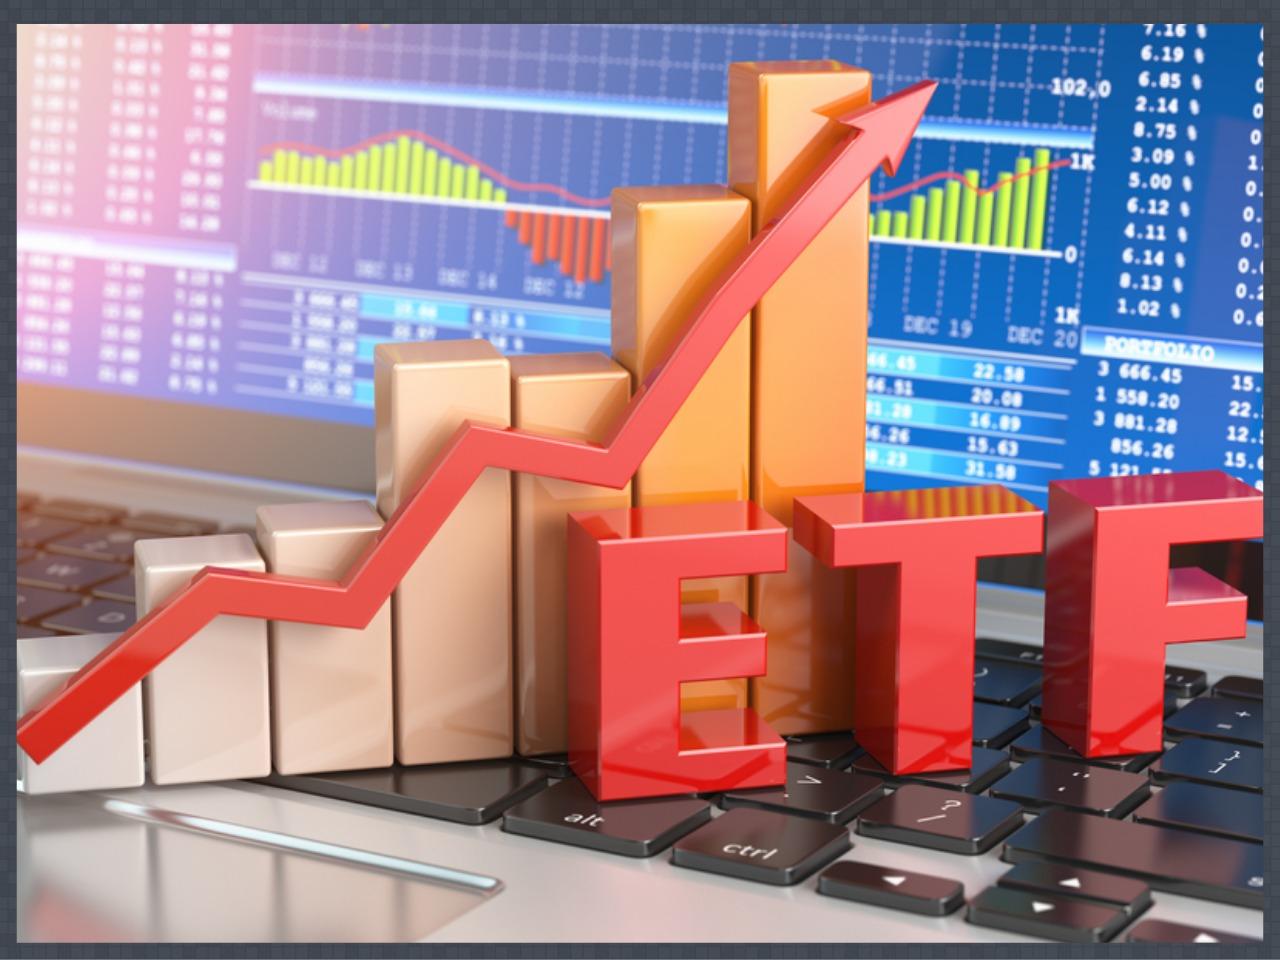 Сбербанк ETF долгосрочные вложения